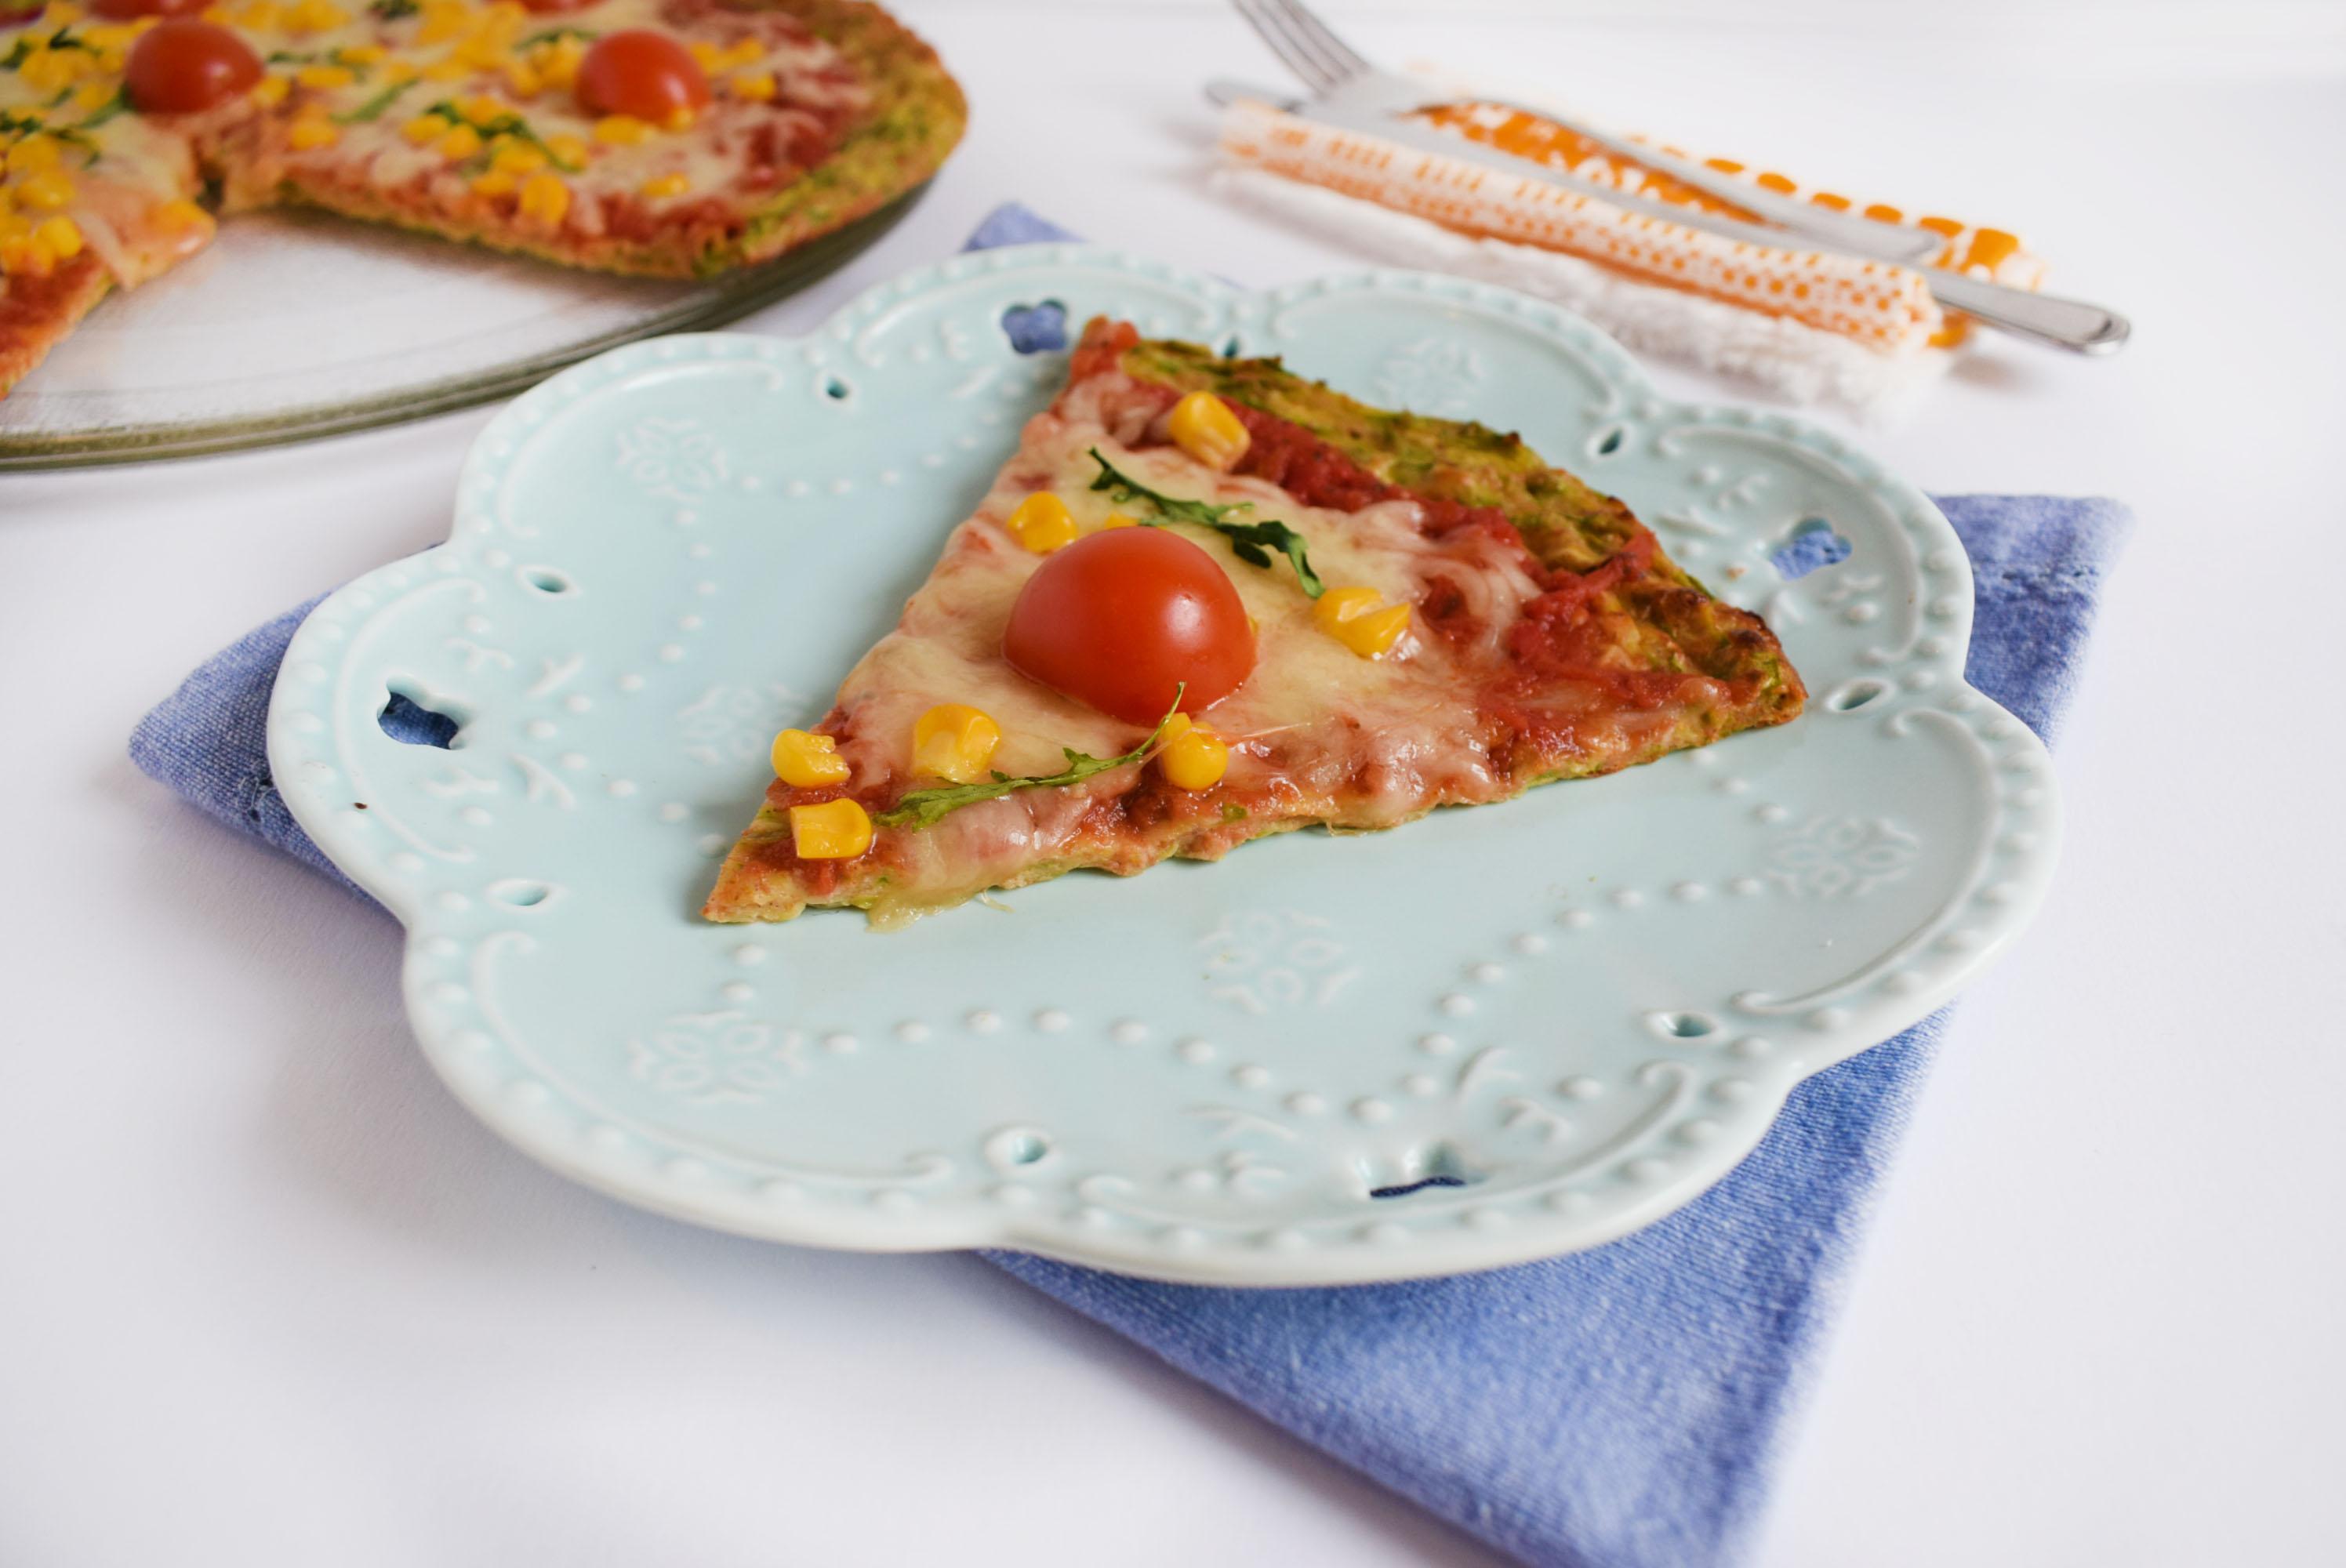 pizza cu crusta de dovlecei 1 - foodieopedia